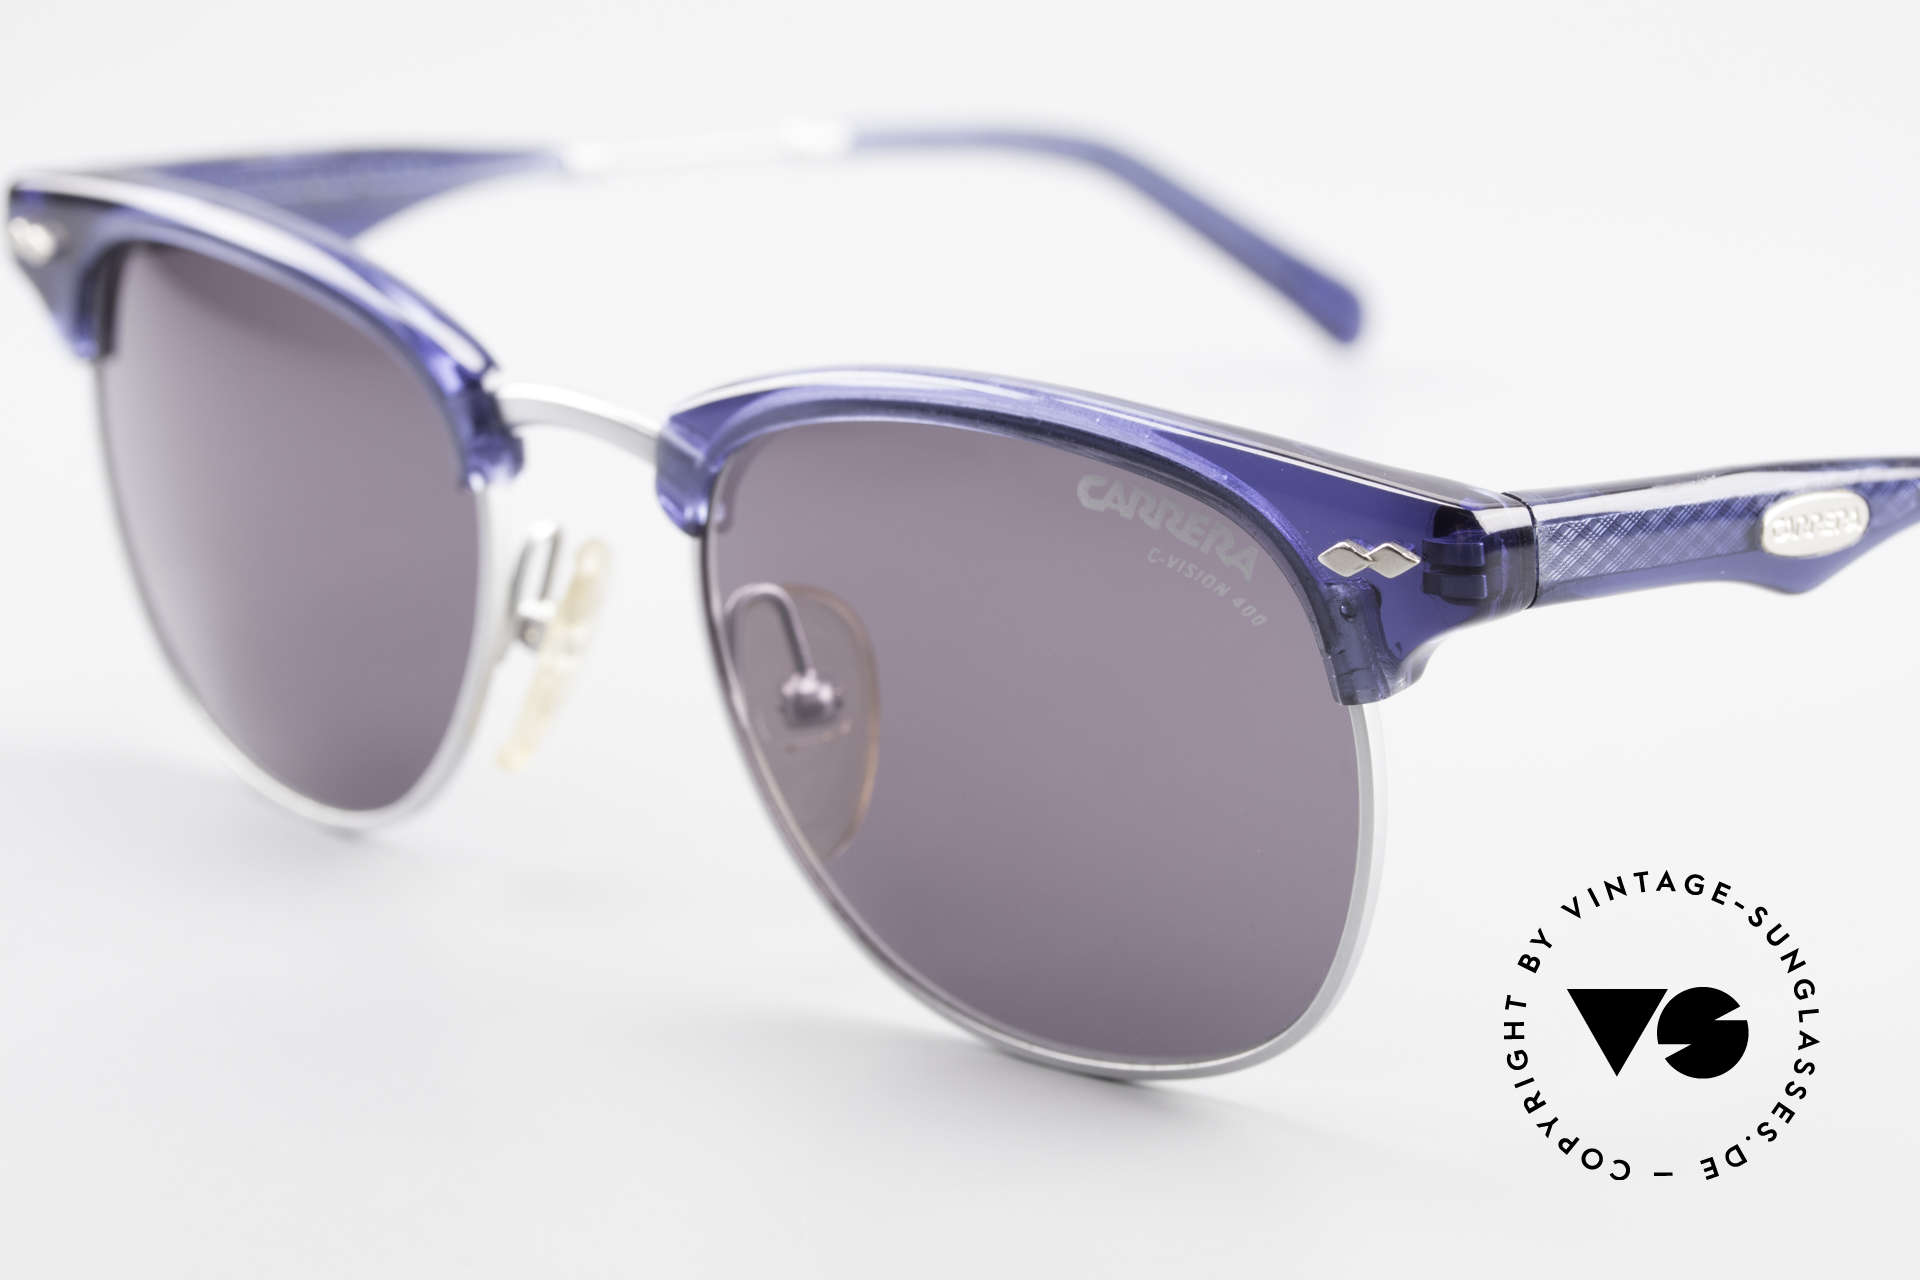 Carrera 5324 Vintage Panto Sonnenbrille, elegante Gläser (C-VISION 400) für 100% UV Schutz, Passend für Herren